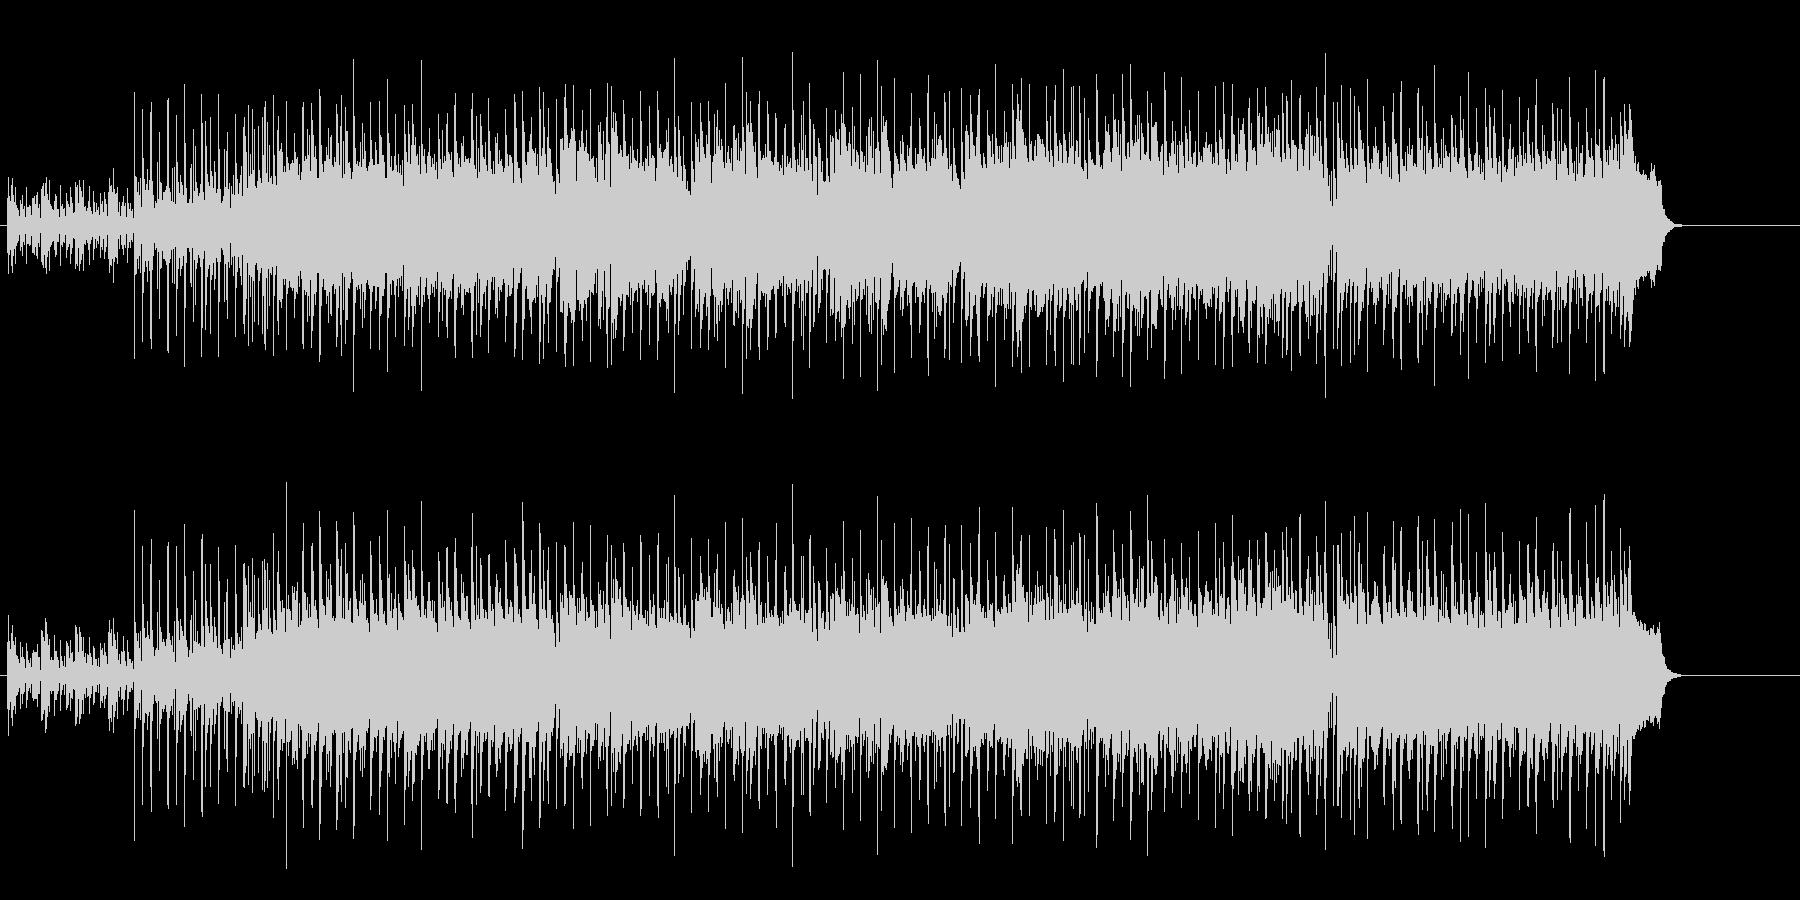 ジャズとソウルがかみ合ったアシッドジャズの未再生の波形